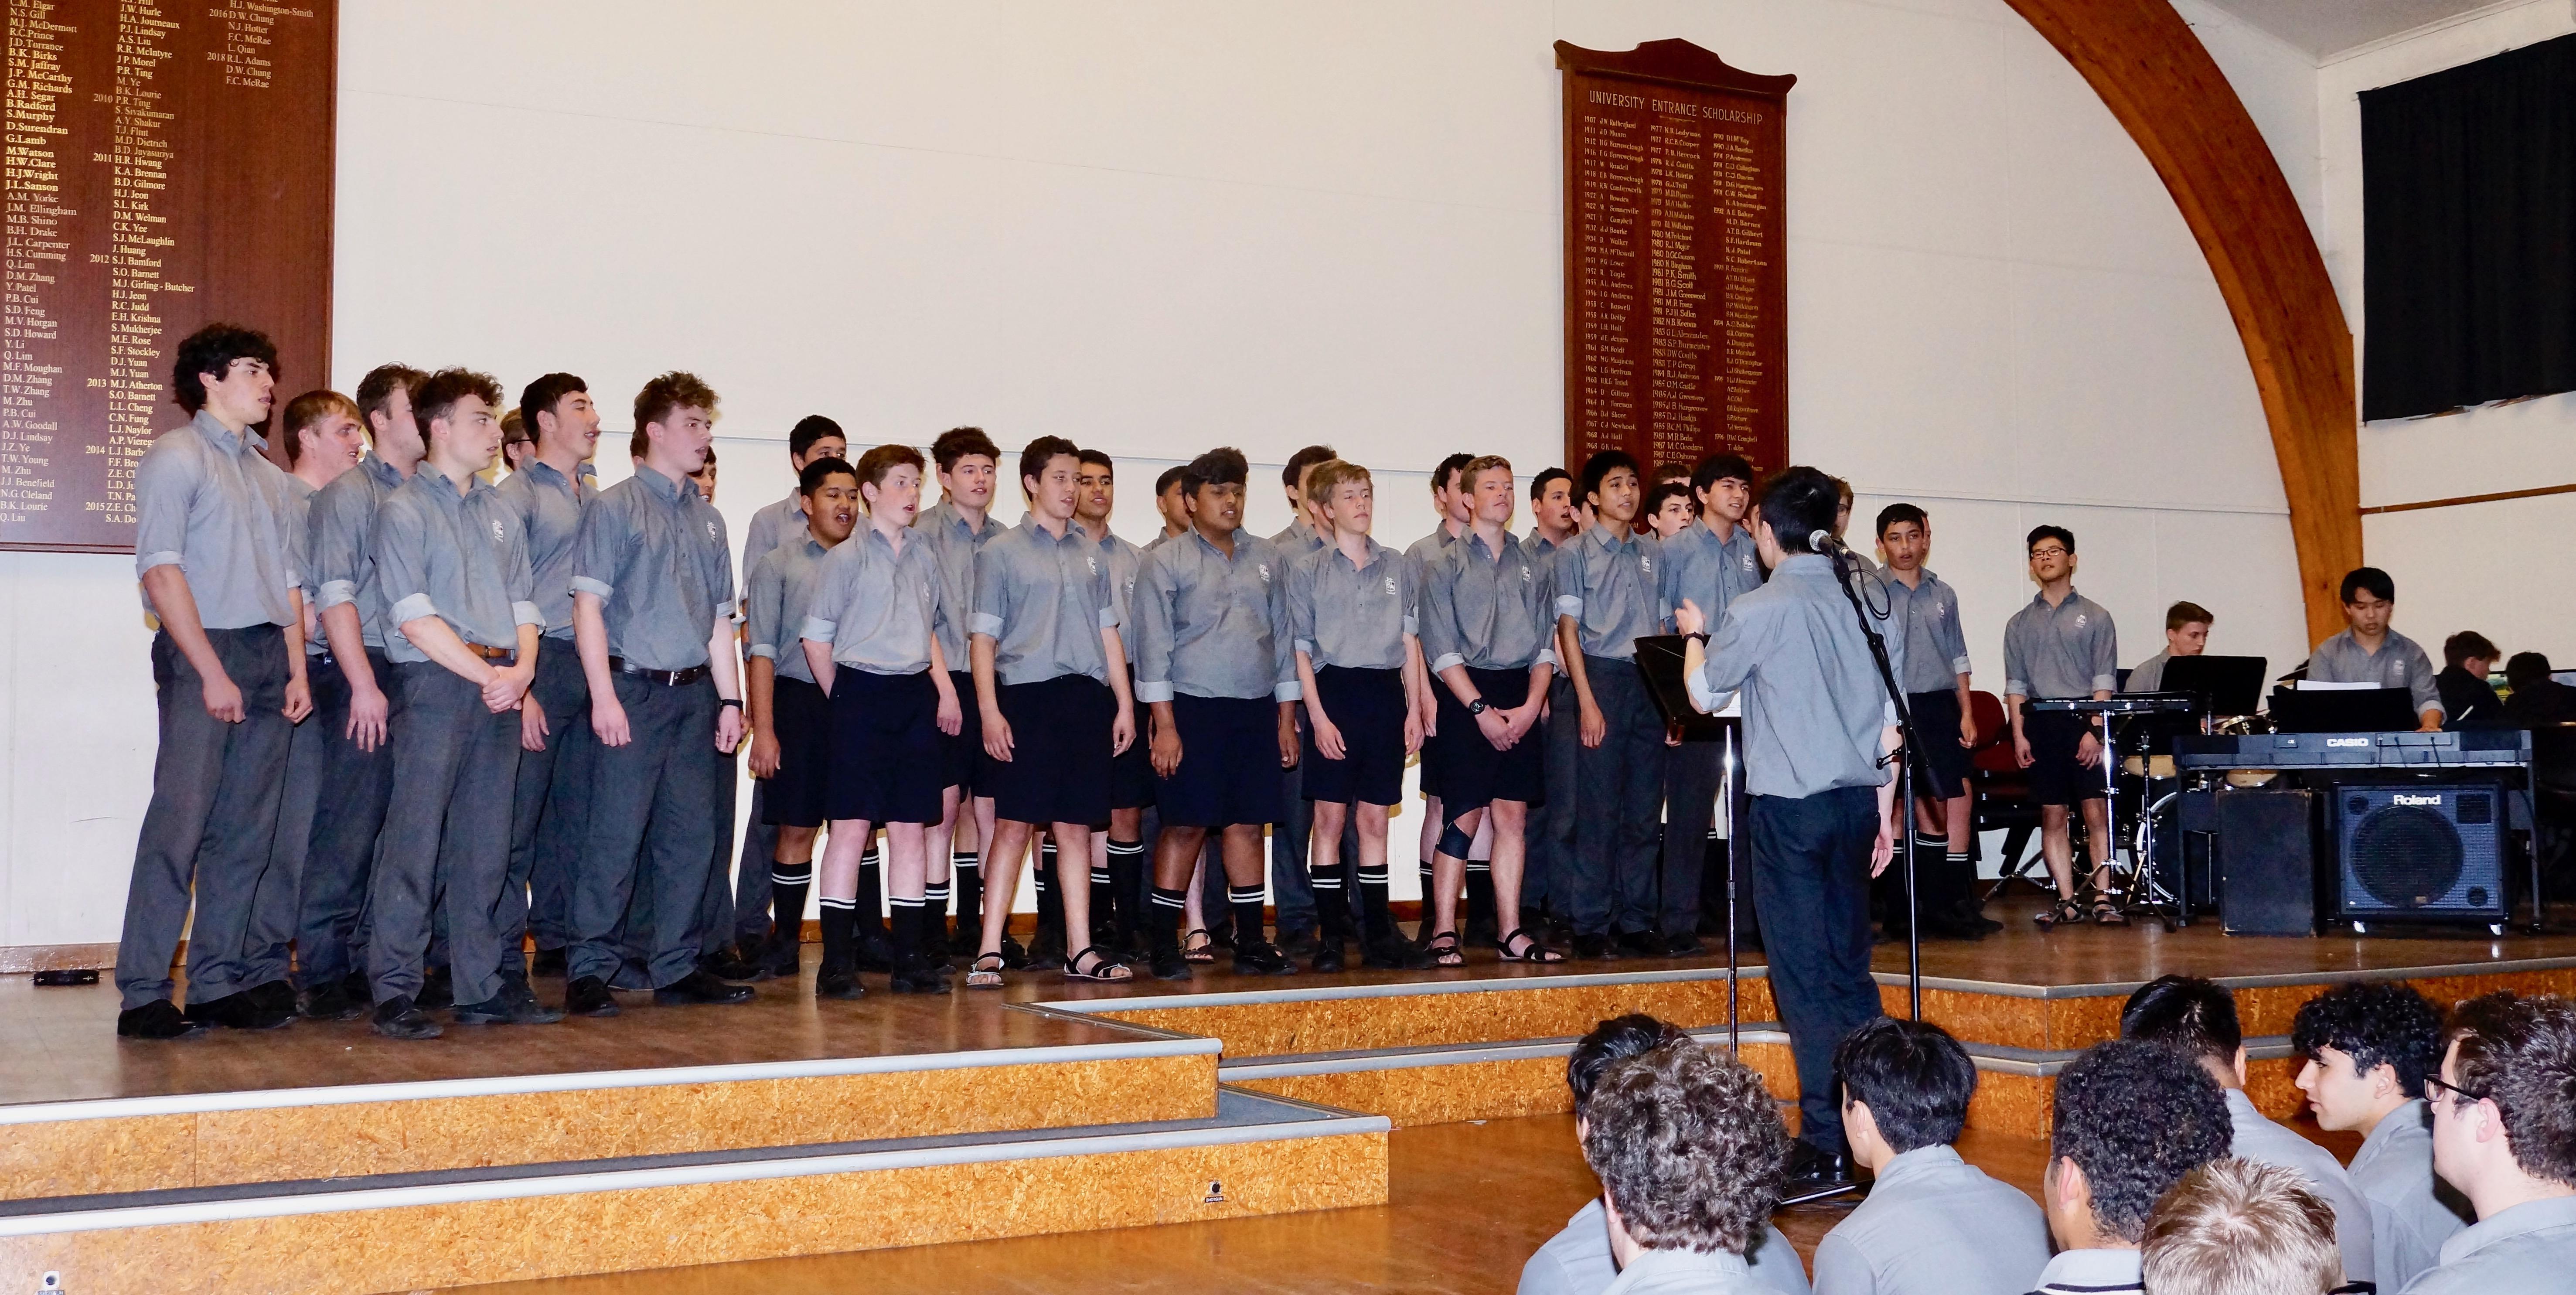 Shand Choral 17